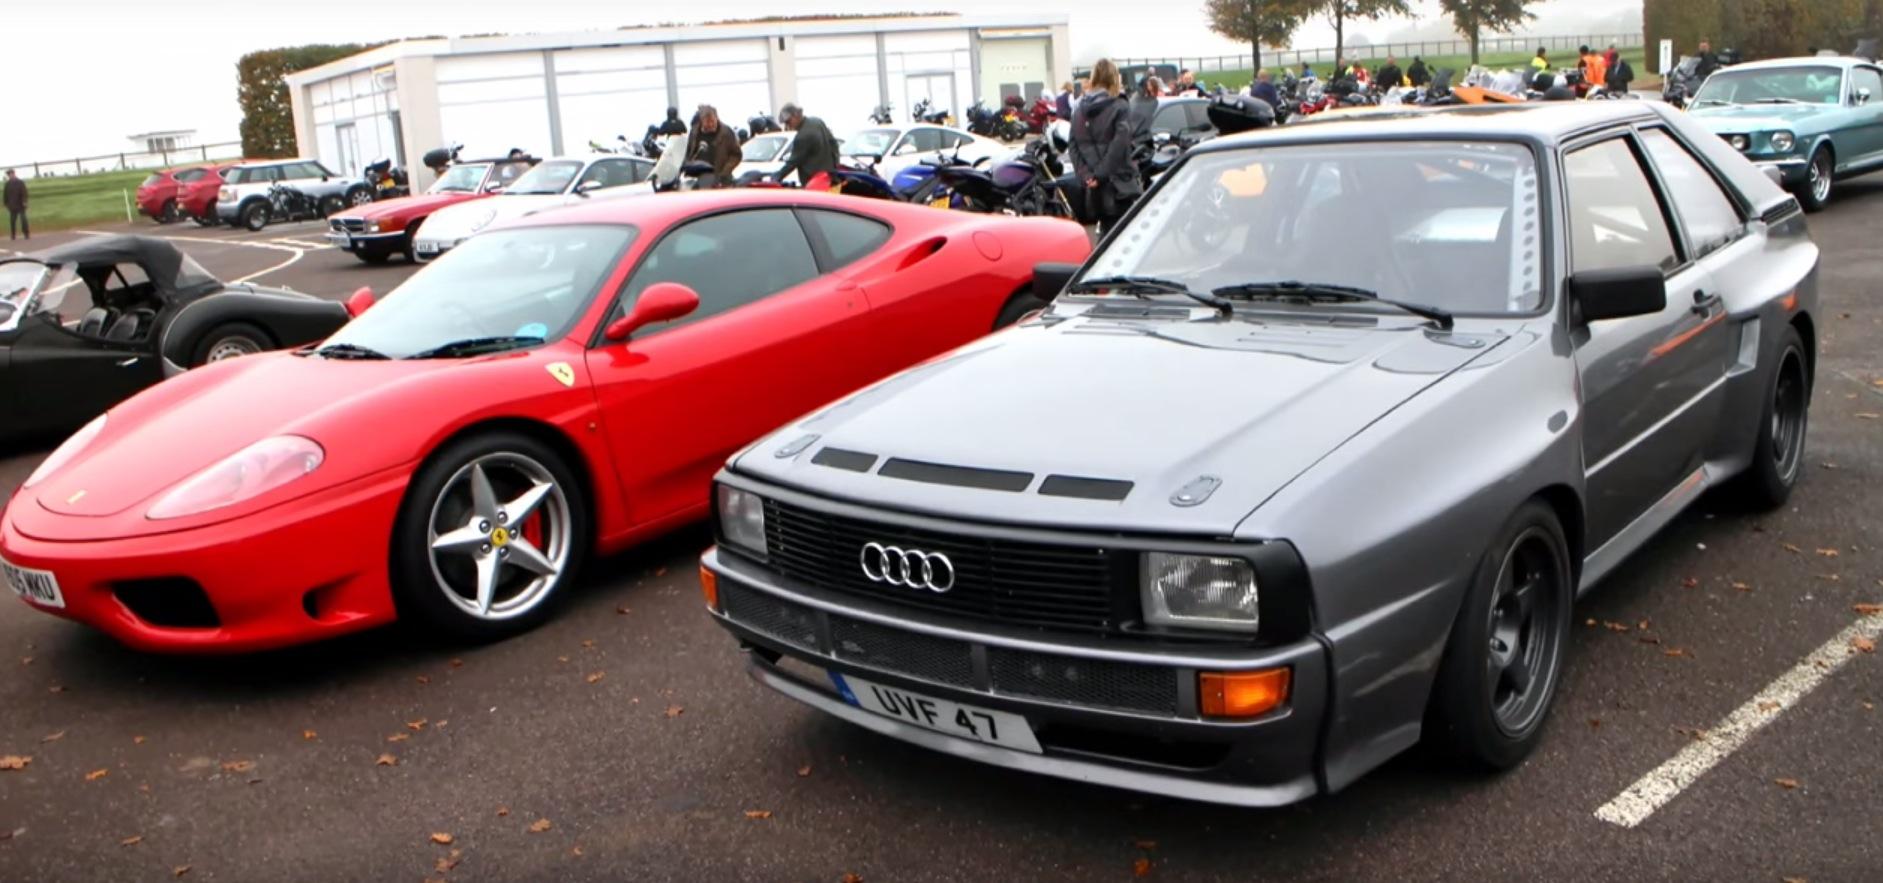 1 000 Hp Audi Sport Quattro Brings Back Group B Will Kill